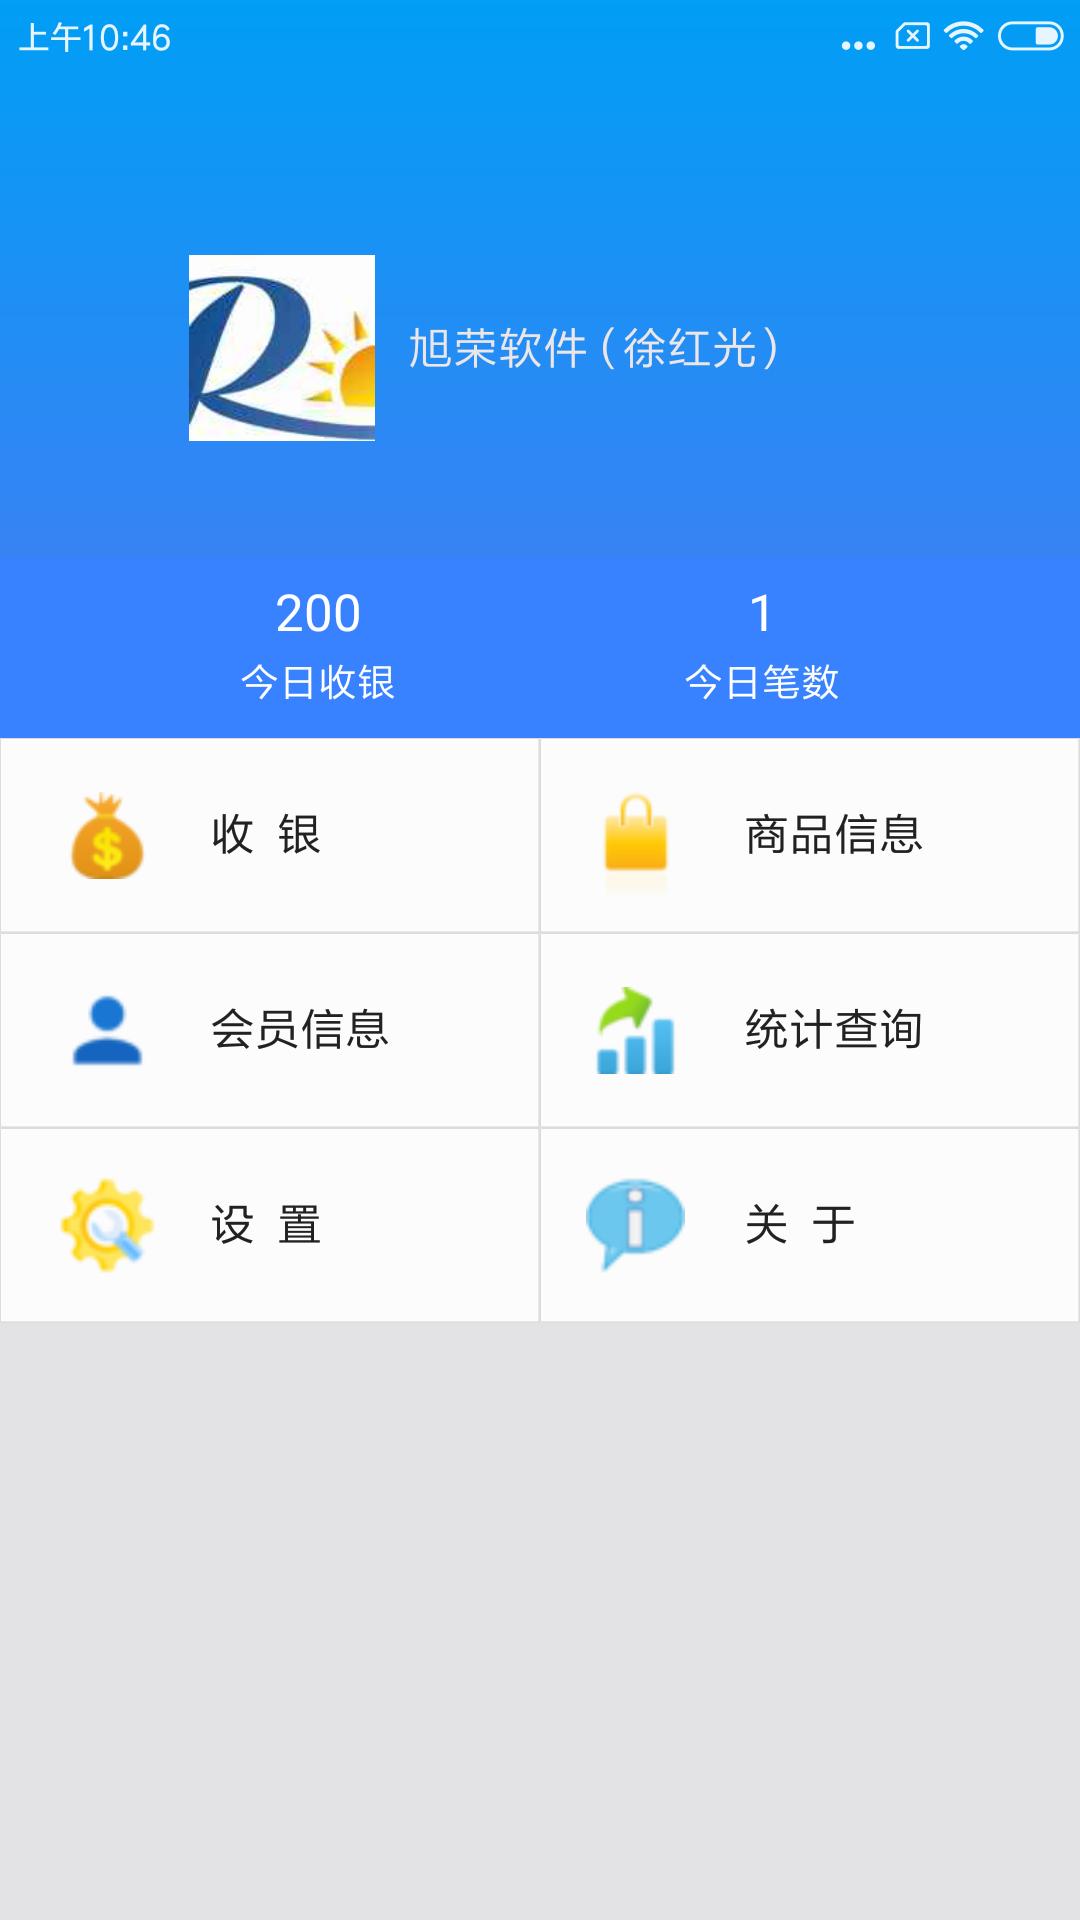 旭荣收银系统软件